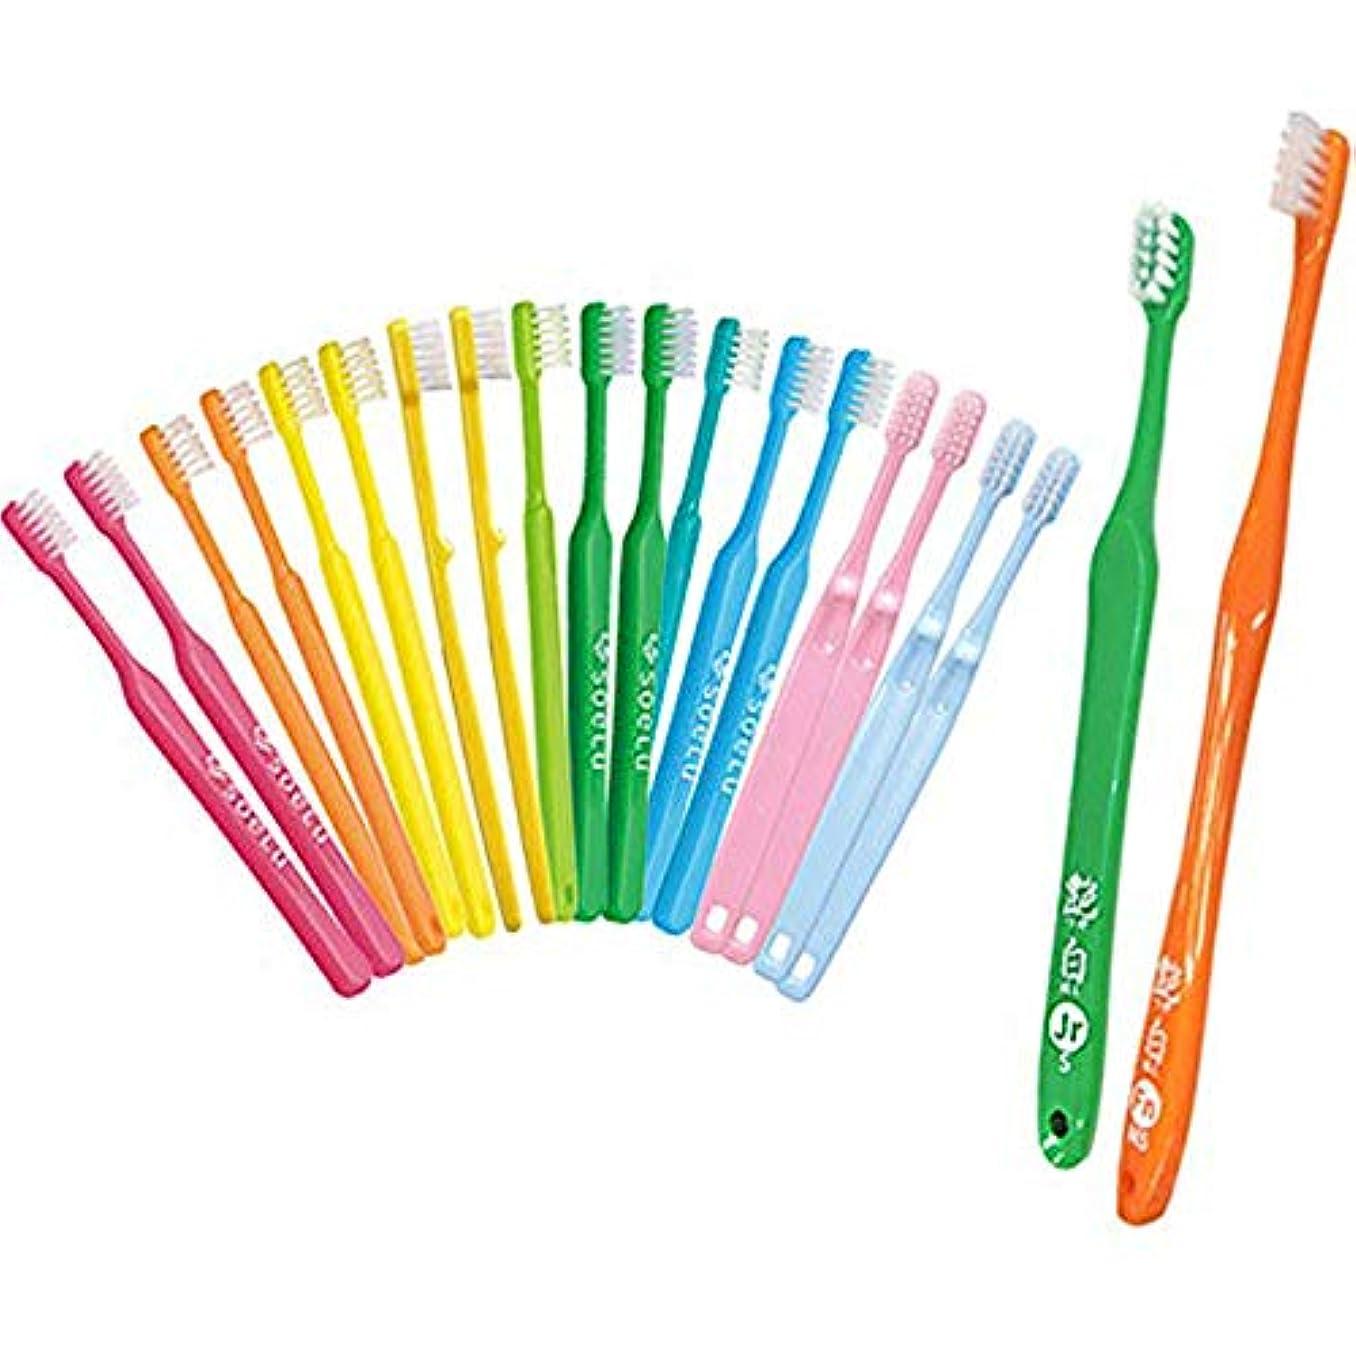 興味配分消費する【歯科医院取扱品】子供用歯ブラシ 福袋 × 20本 ジュニア 対象年齢:6歳~12歳